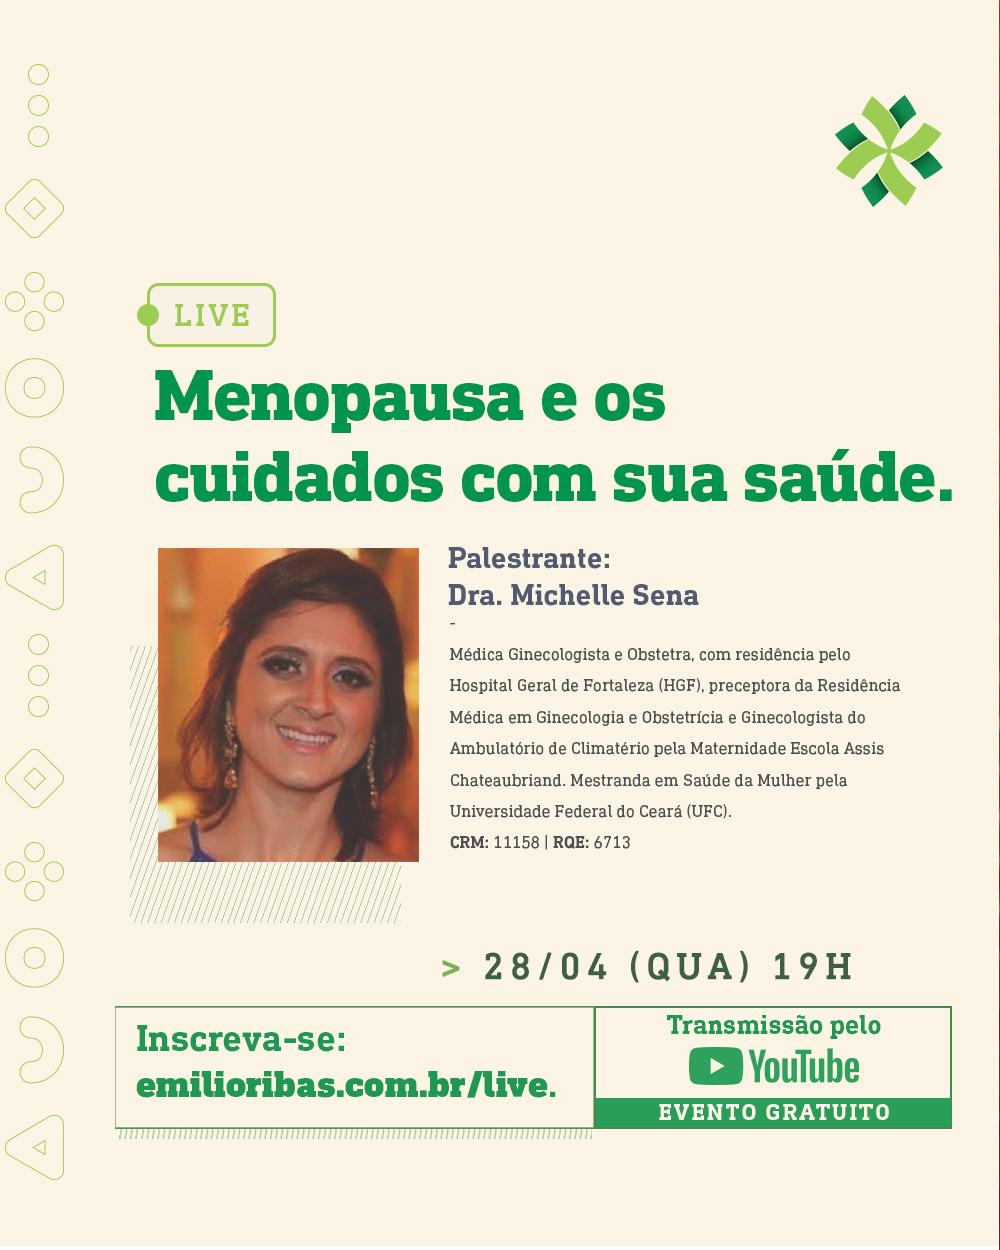 [LIVE] Menopausa e os cuidados com sua saúde